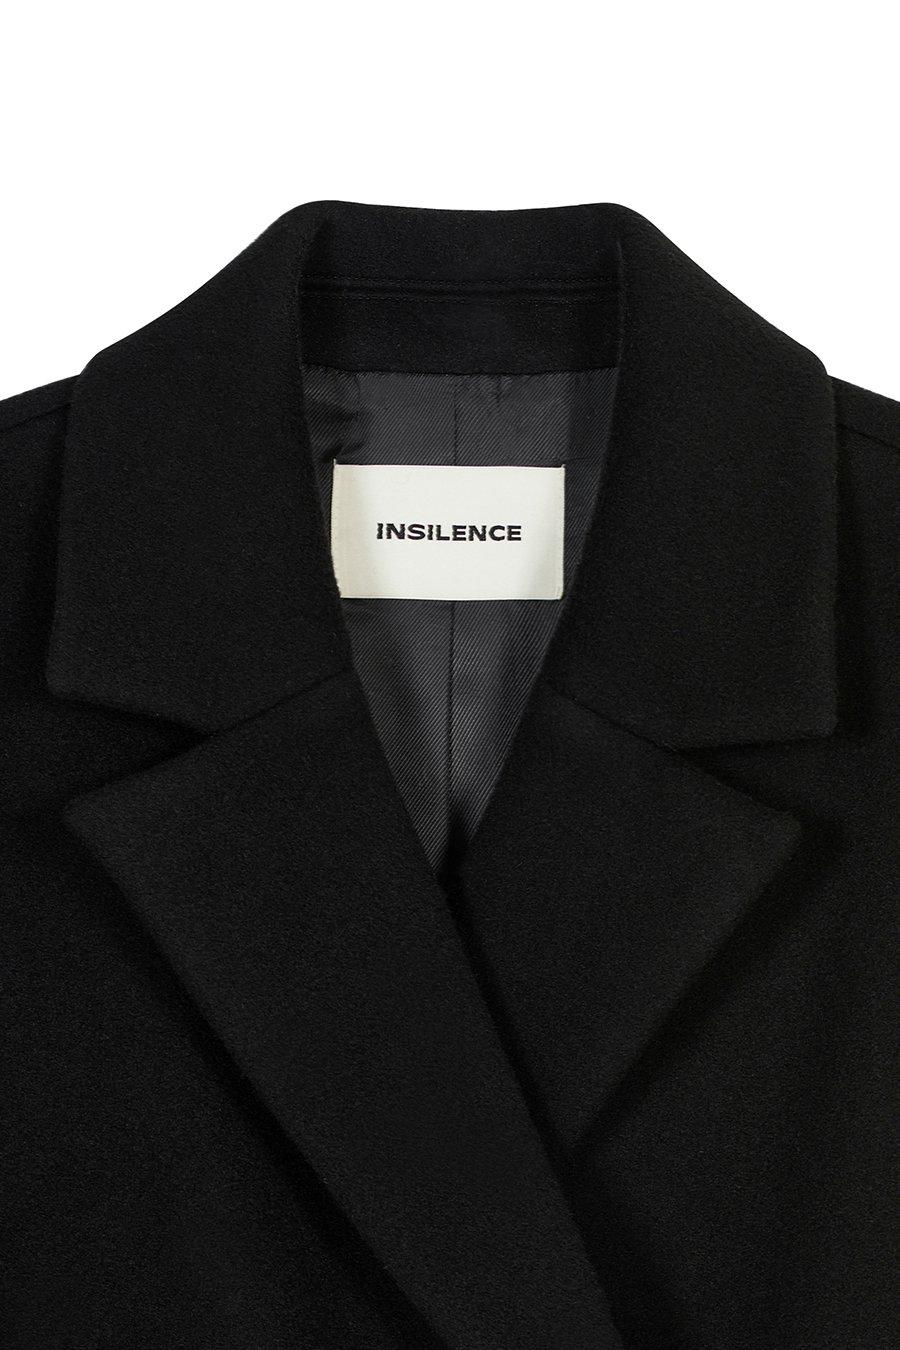 인사일런스 우먼(INSILENCE WOMEN) 더블 브레스티드 캐시미어 피티드 코트 BLACK